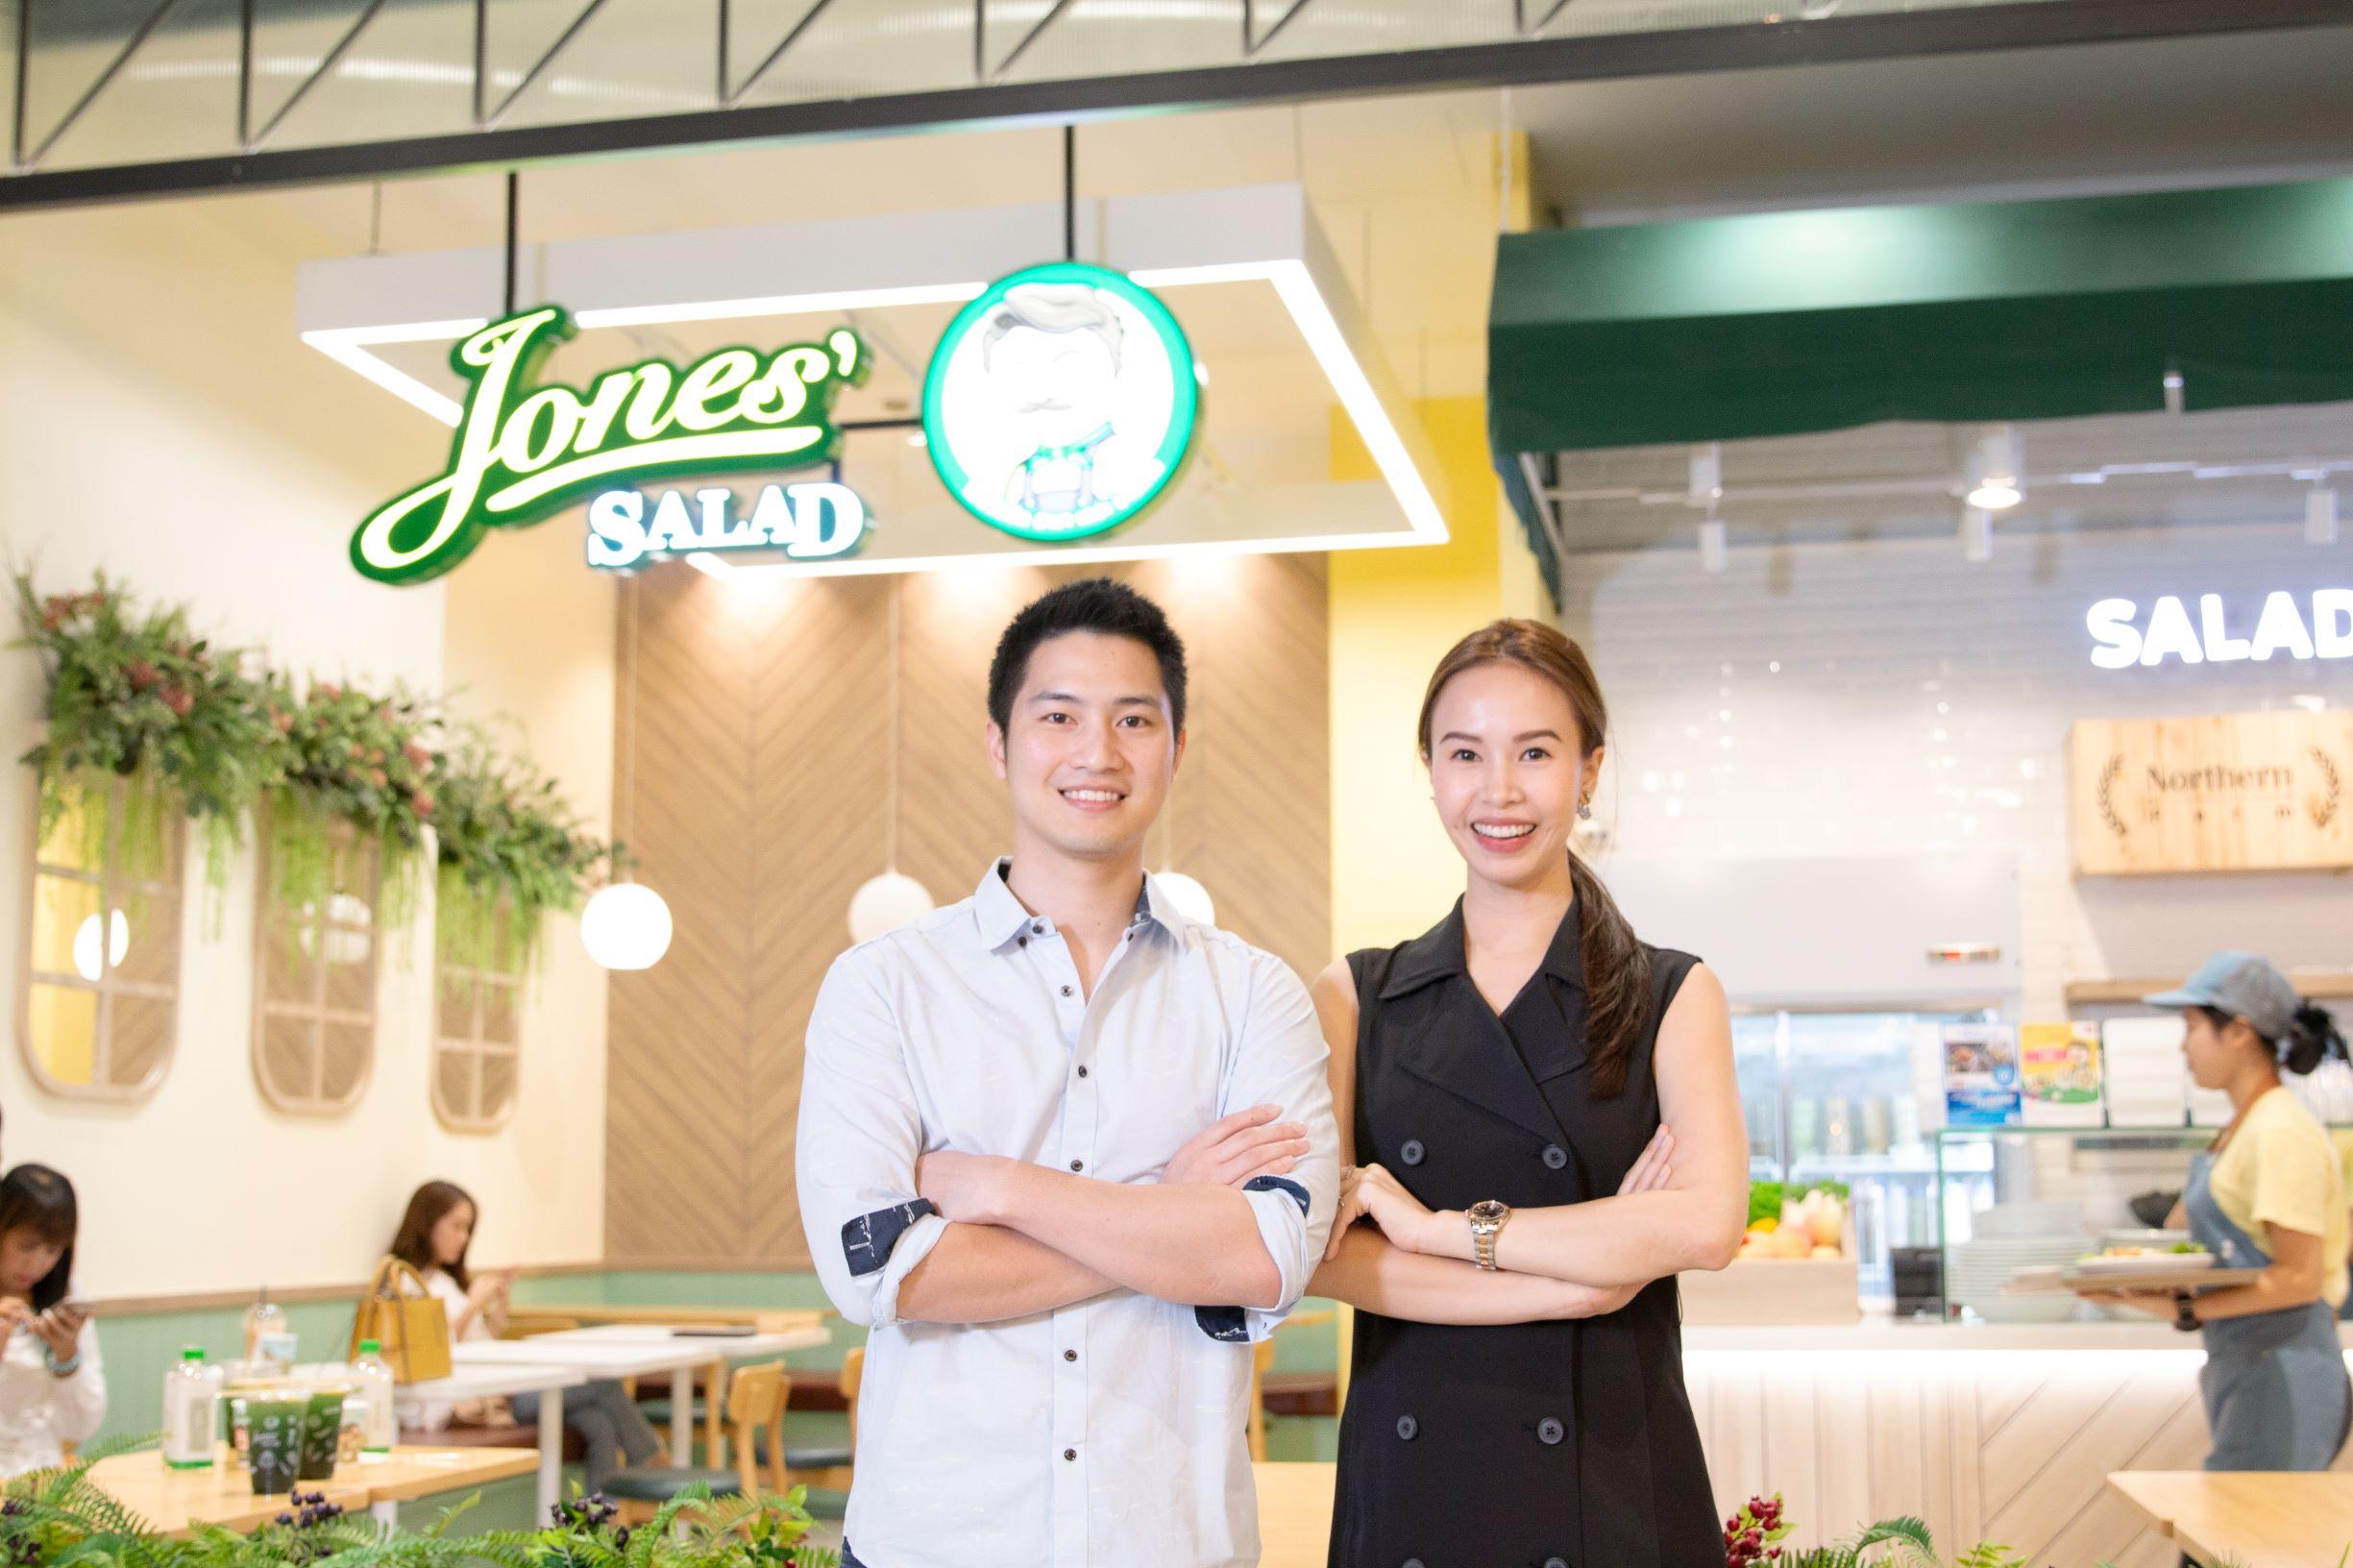 โจนส์สลัด ร้านสลัดสุขภาพที่กำลังมาแรงของคนเมือง โตไวไม่หยุด เลือกพันธมิตร dtac SME ช่วยวางแผนการสื่อสารตั้งเป้าขยายสาขาถึง 20 แห่งในปีหน้า